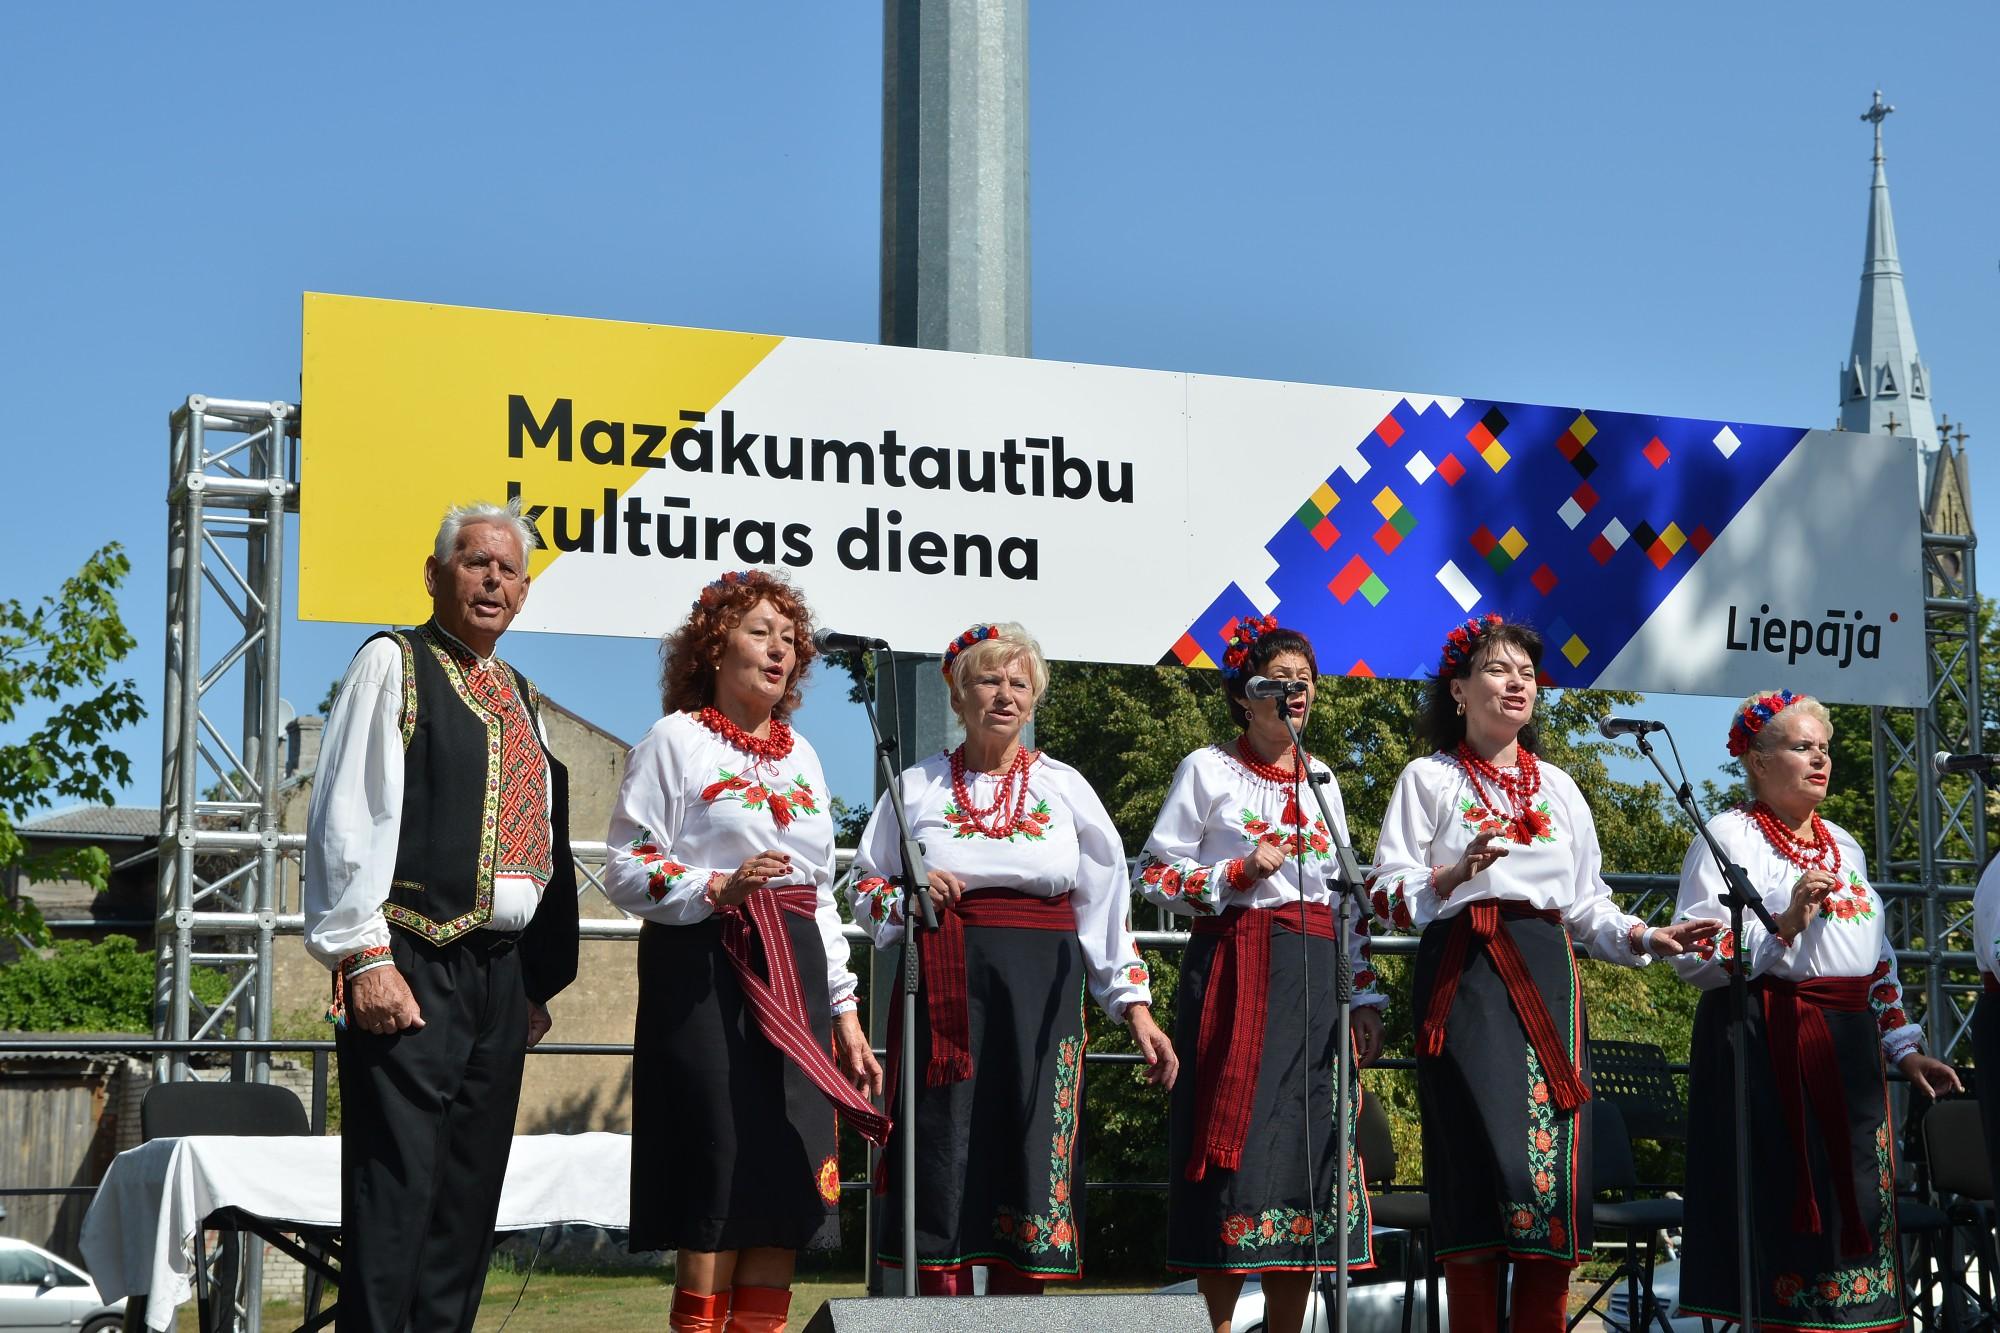 Liepājā pirmo reizi norisinājās Mazākumtautību kultūras diena